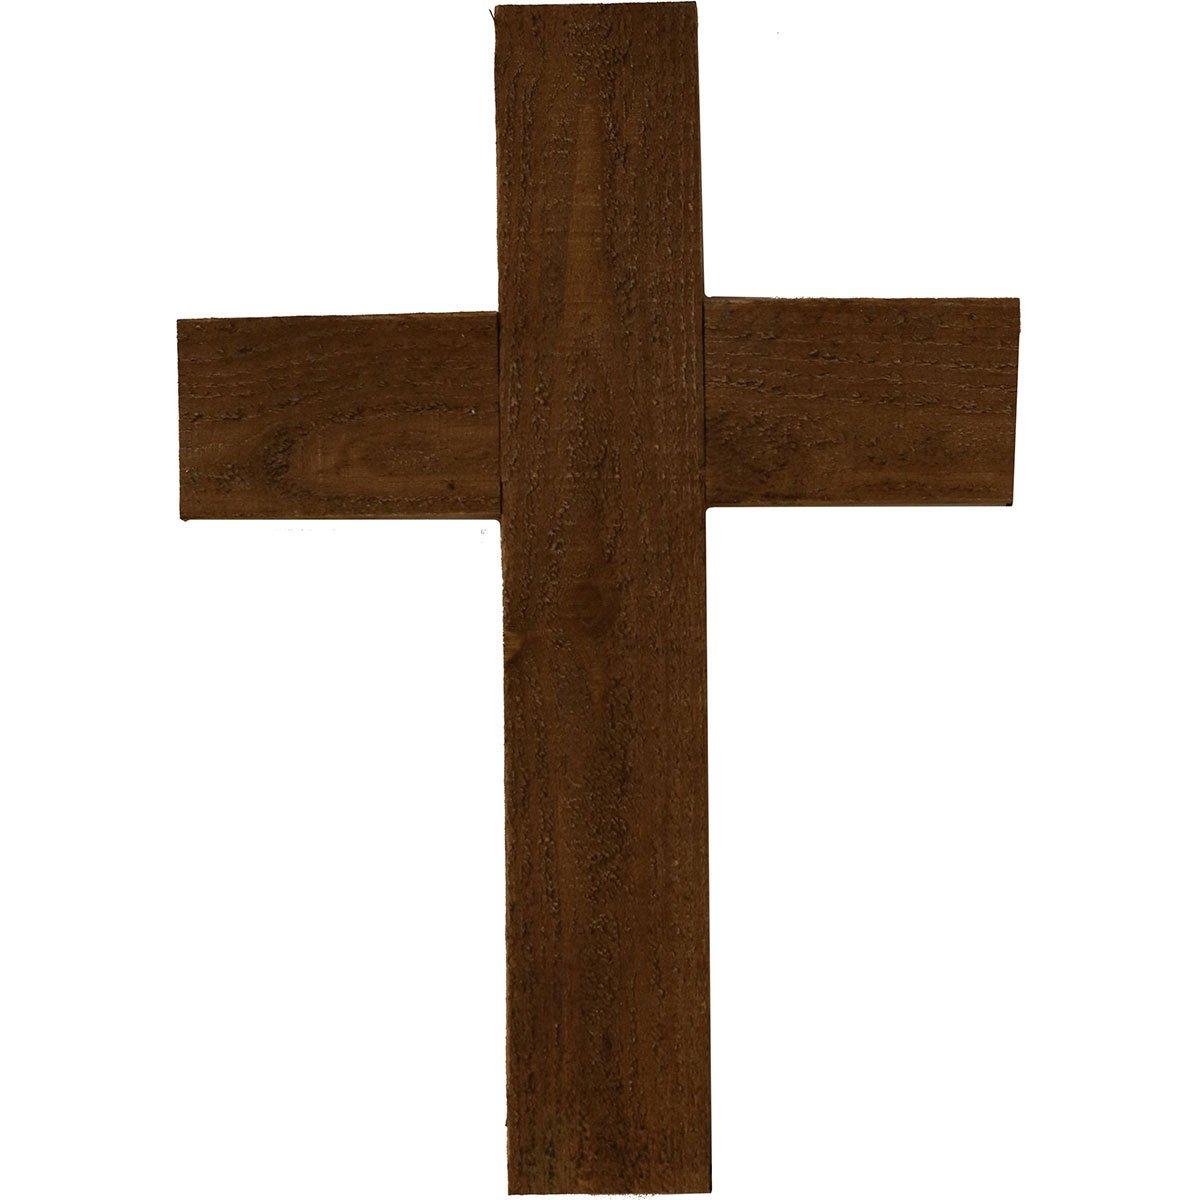 Ekena Millwork DECR012X016X0750CRSBR Wooden Cross, 12' W x 16' H x 3/4' D, Weathered Brown 12 W x 16 H x 3/4 D